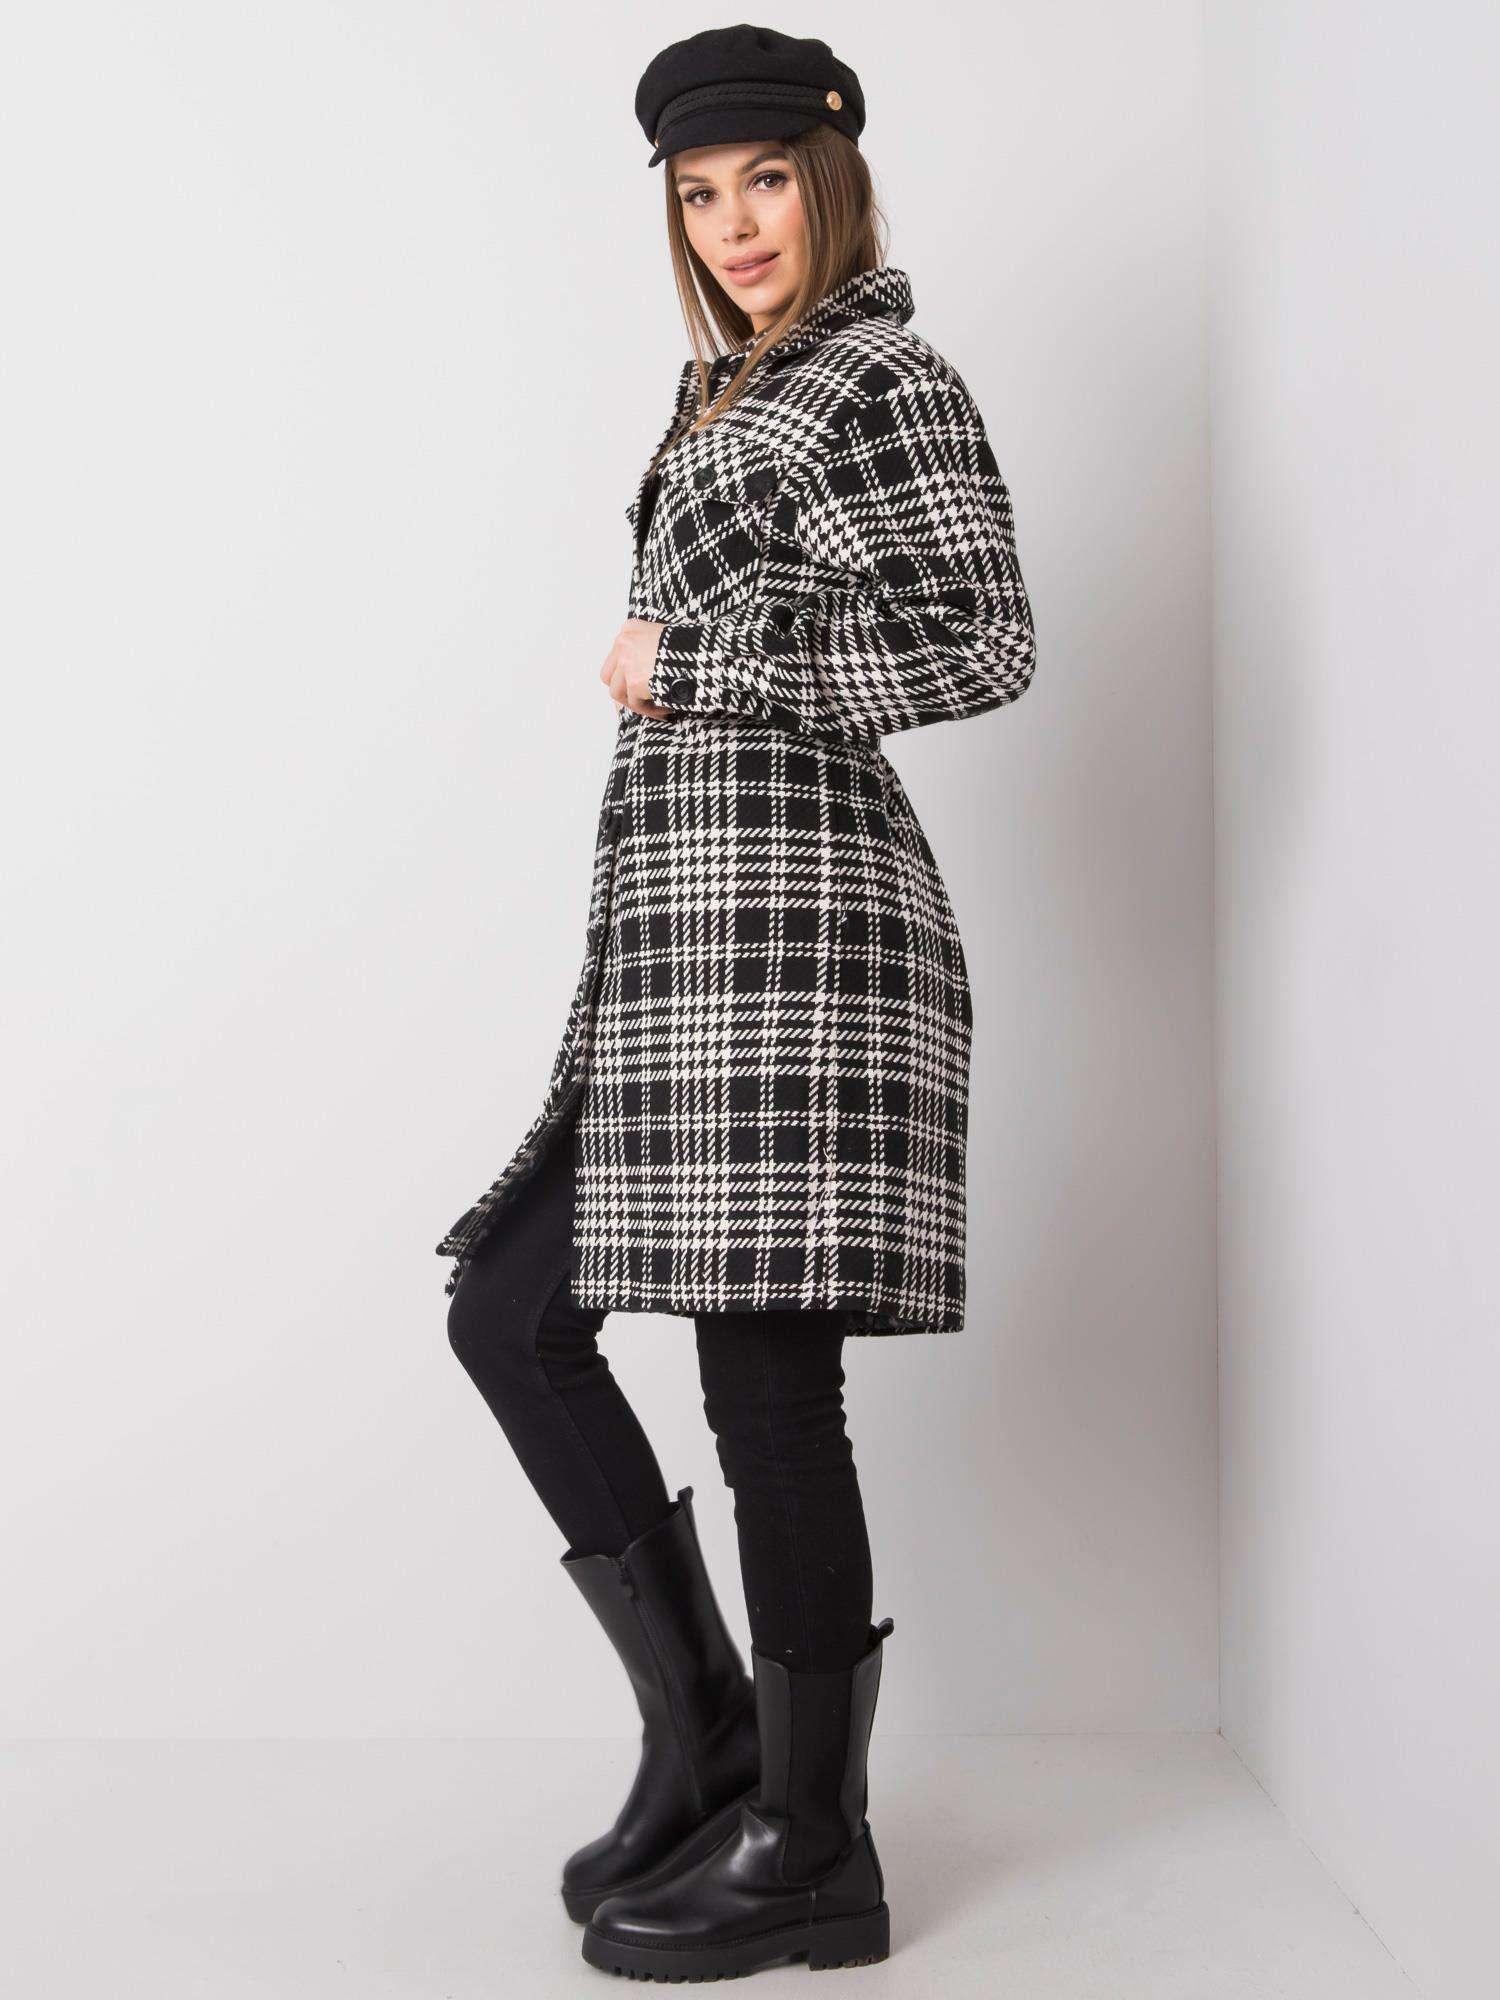 Mantel in schwarz-weiß kariert mit Hahnentrittmusterdetails Seitenansicht